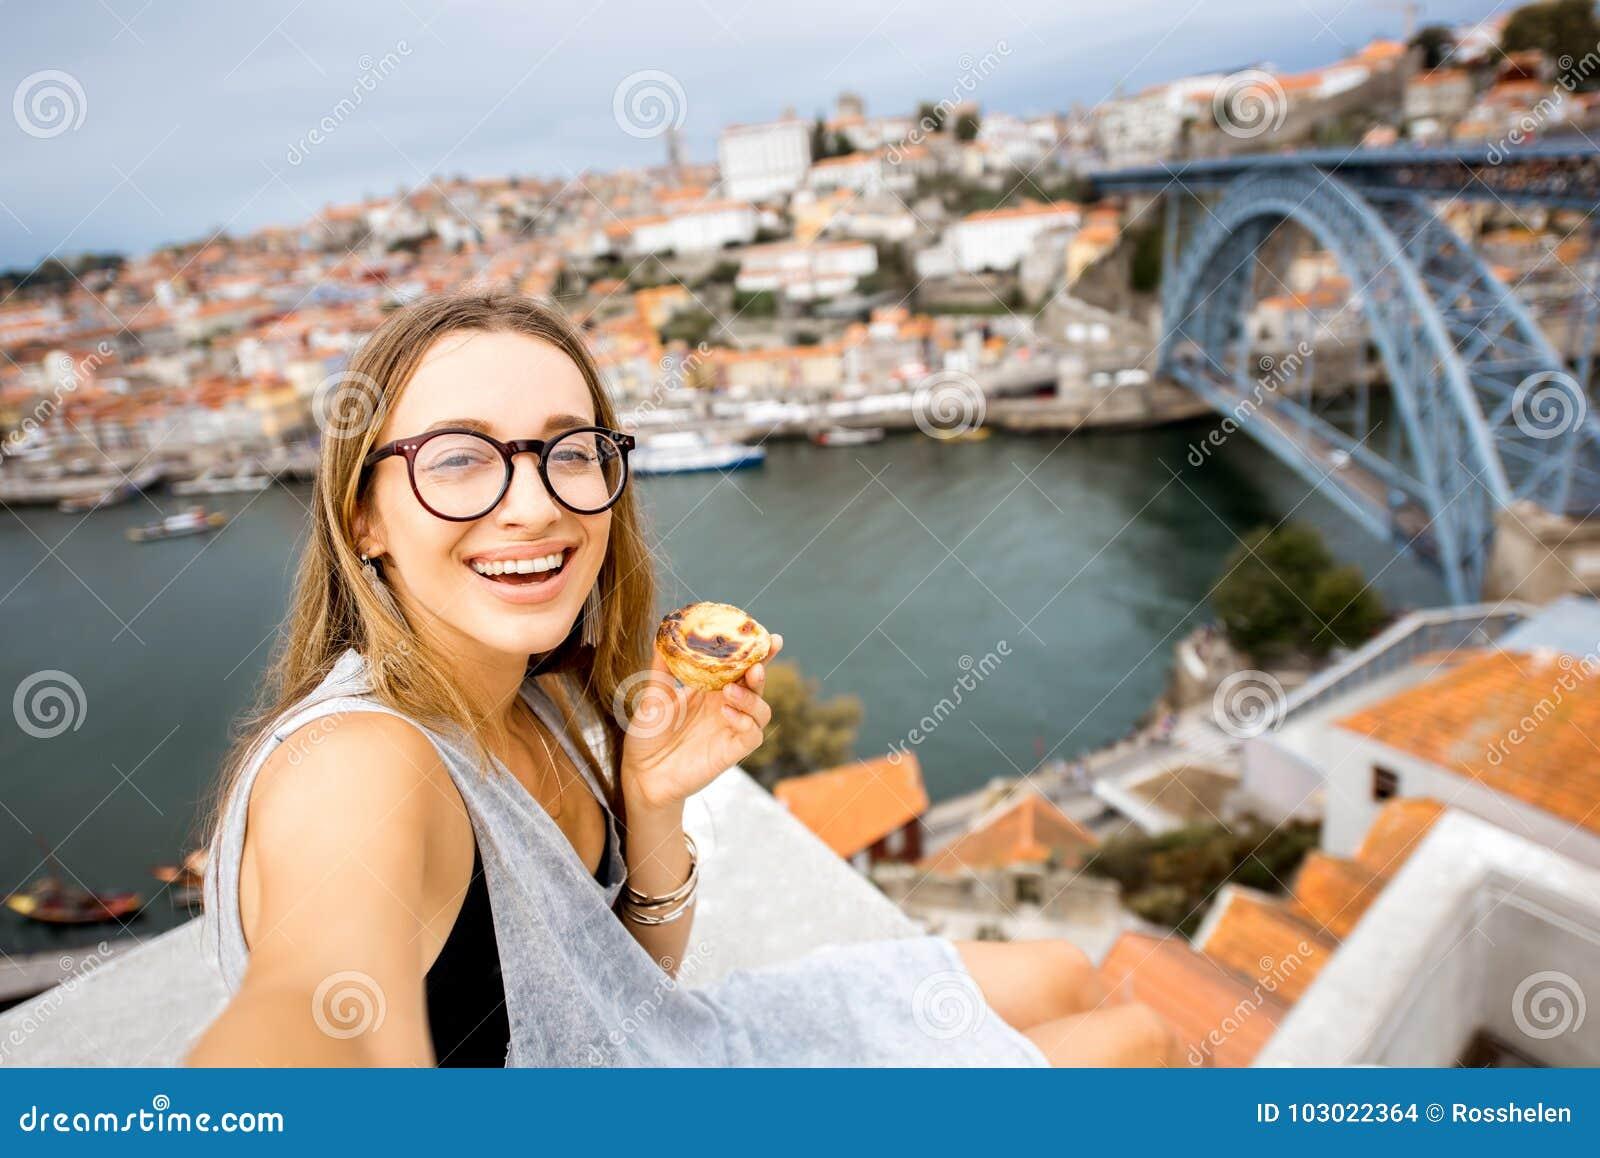 Haz contactos nuevos en Oporto